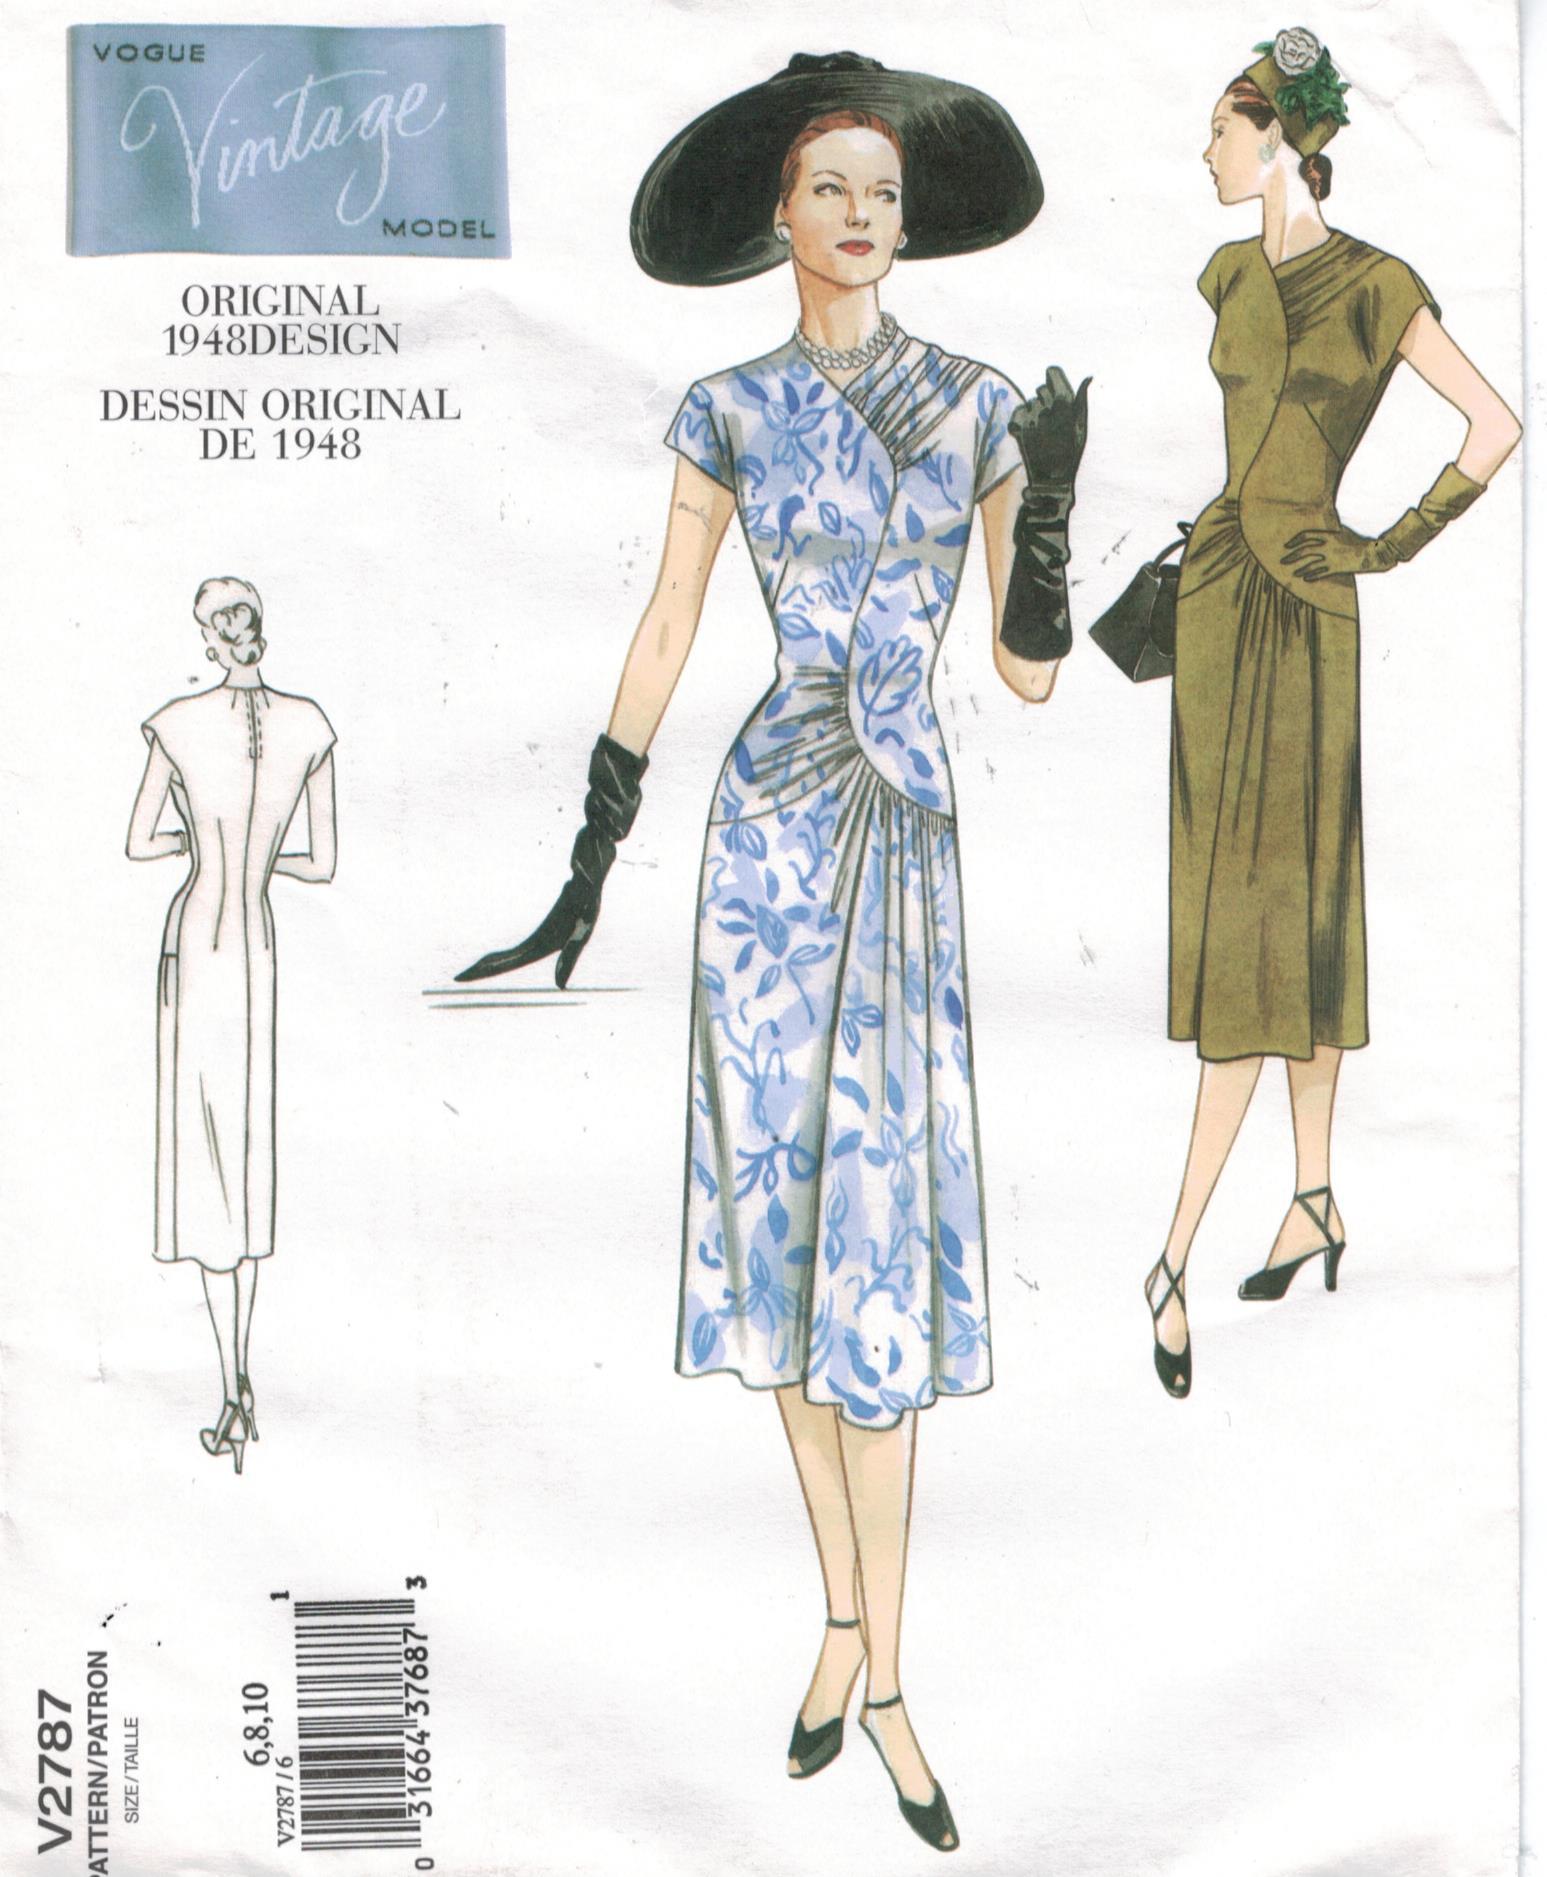 Vintage Vogue Pattern Book - Vintage August-September 1963 / April-May 1965